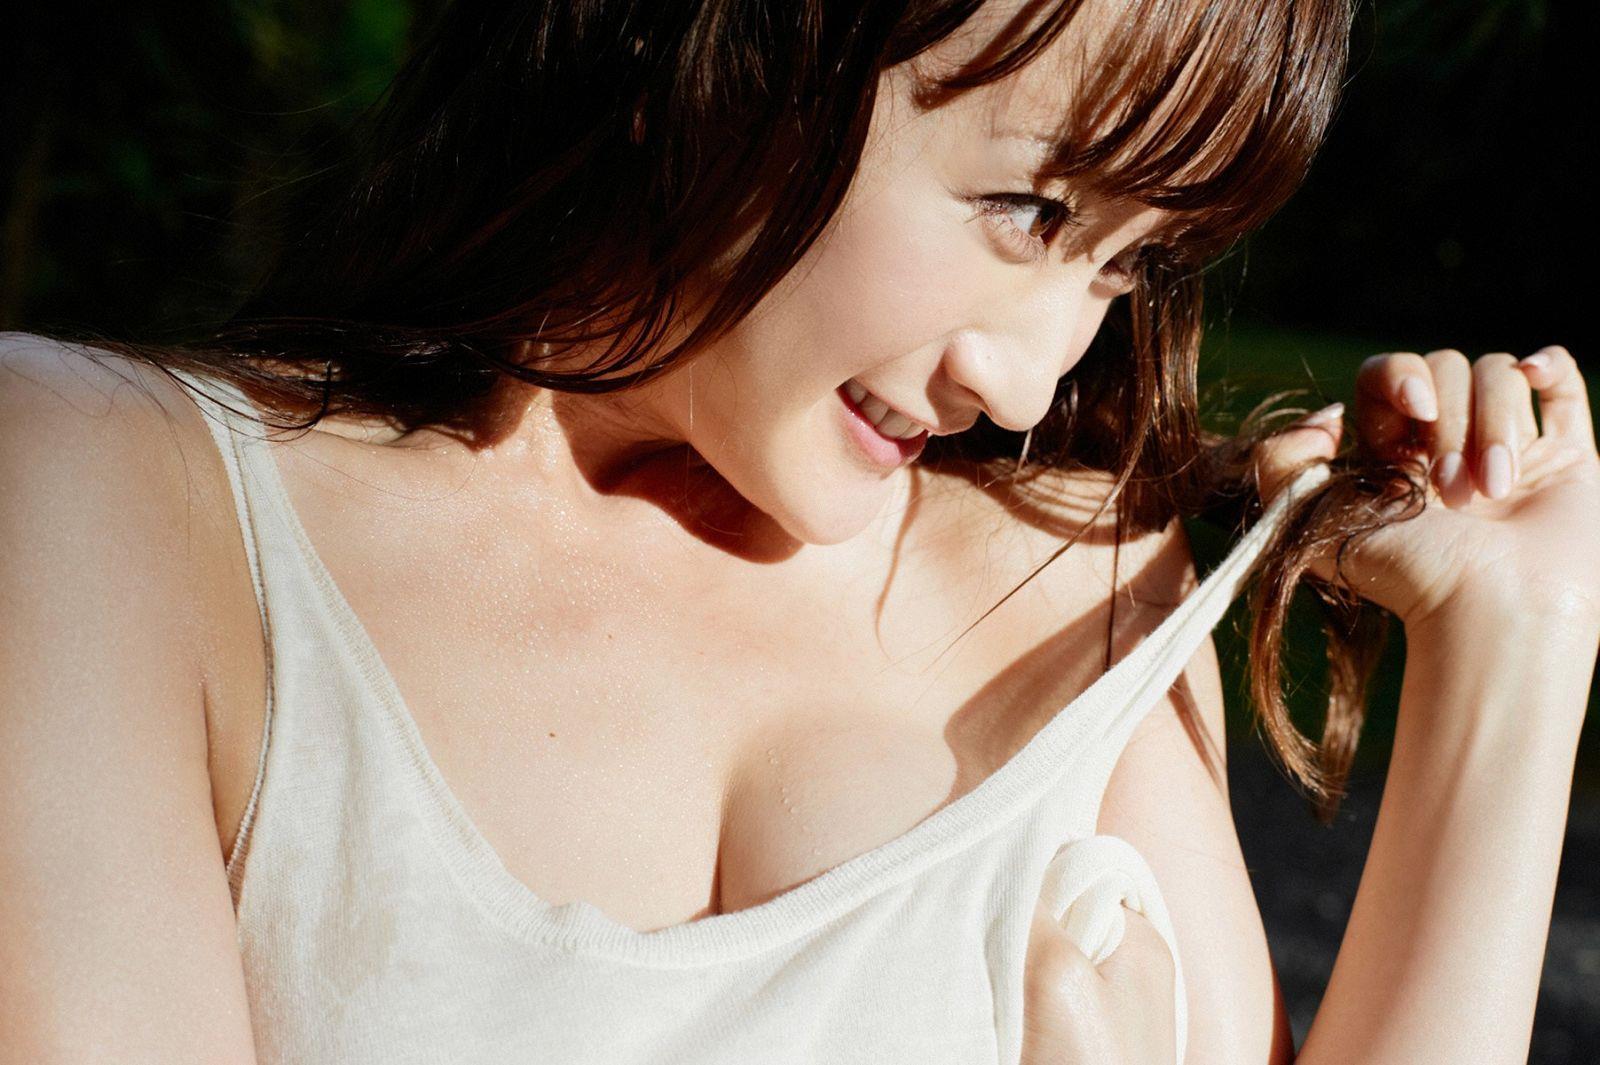 小松彩夏 エロ画像 20